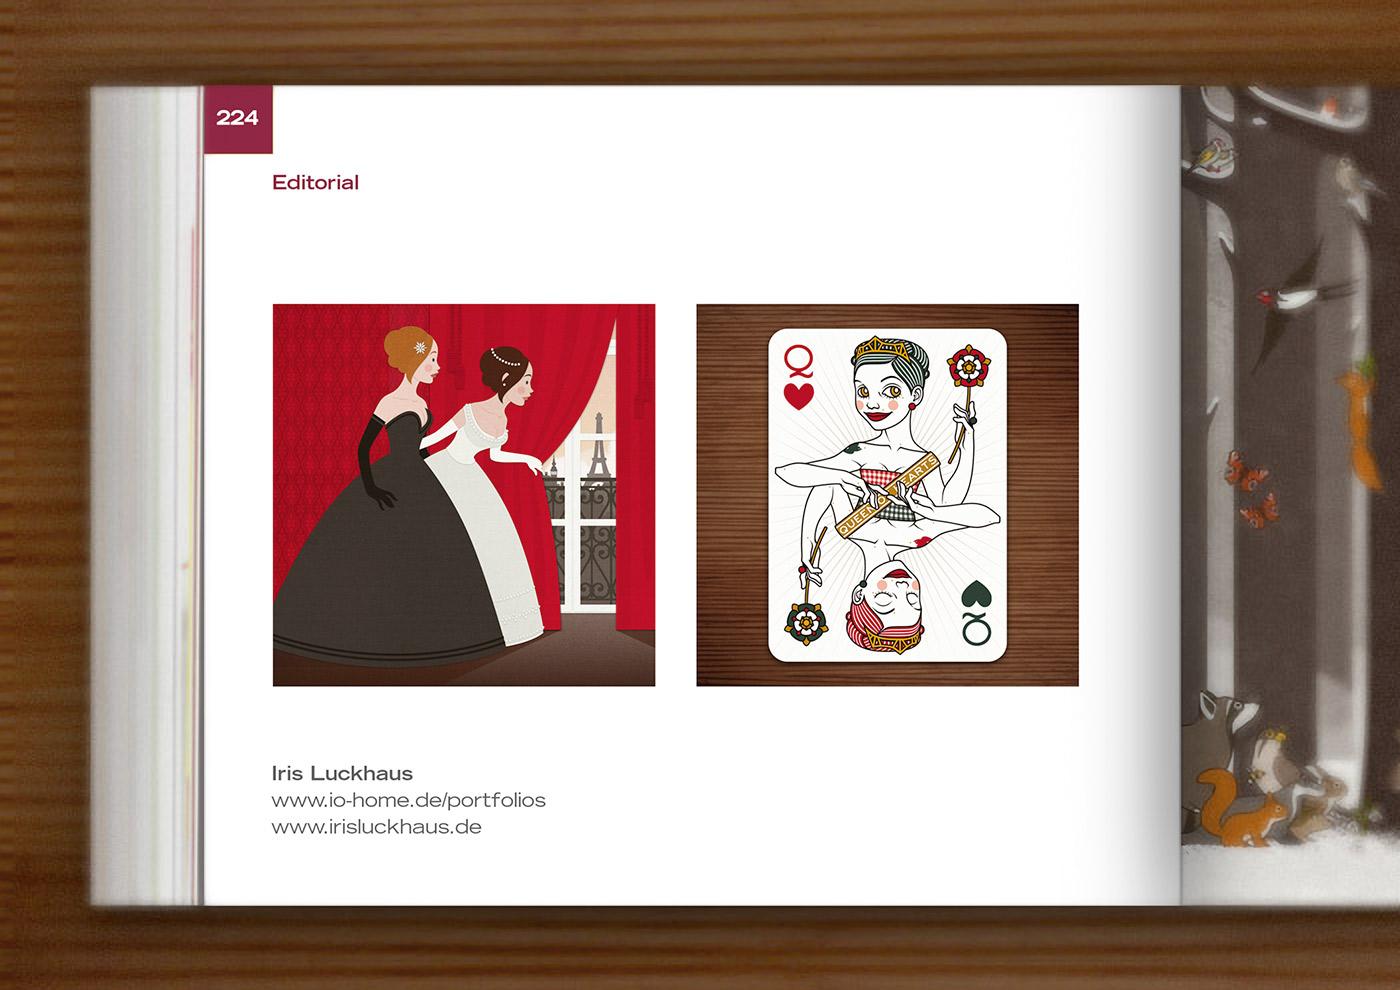 IO- Sedbook mit einer Vektorillustration für ein Märchen mit zwei Mädchen, Freundinnen wie Prinzessinnen, im Ballkleid, die voller Neugier hinter einen roten Vorhang spähen und Paris erblicken